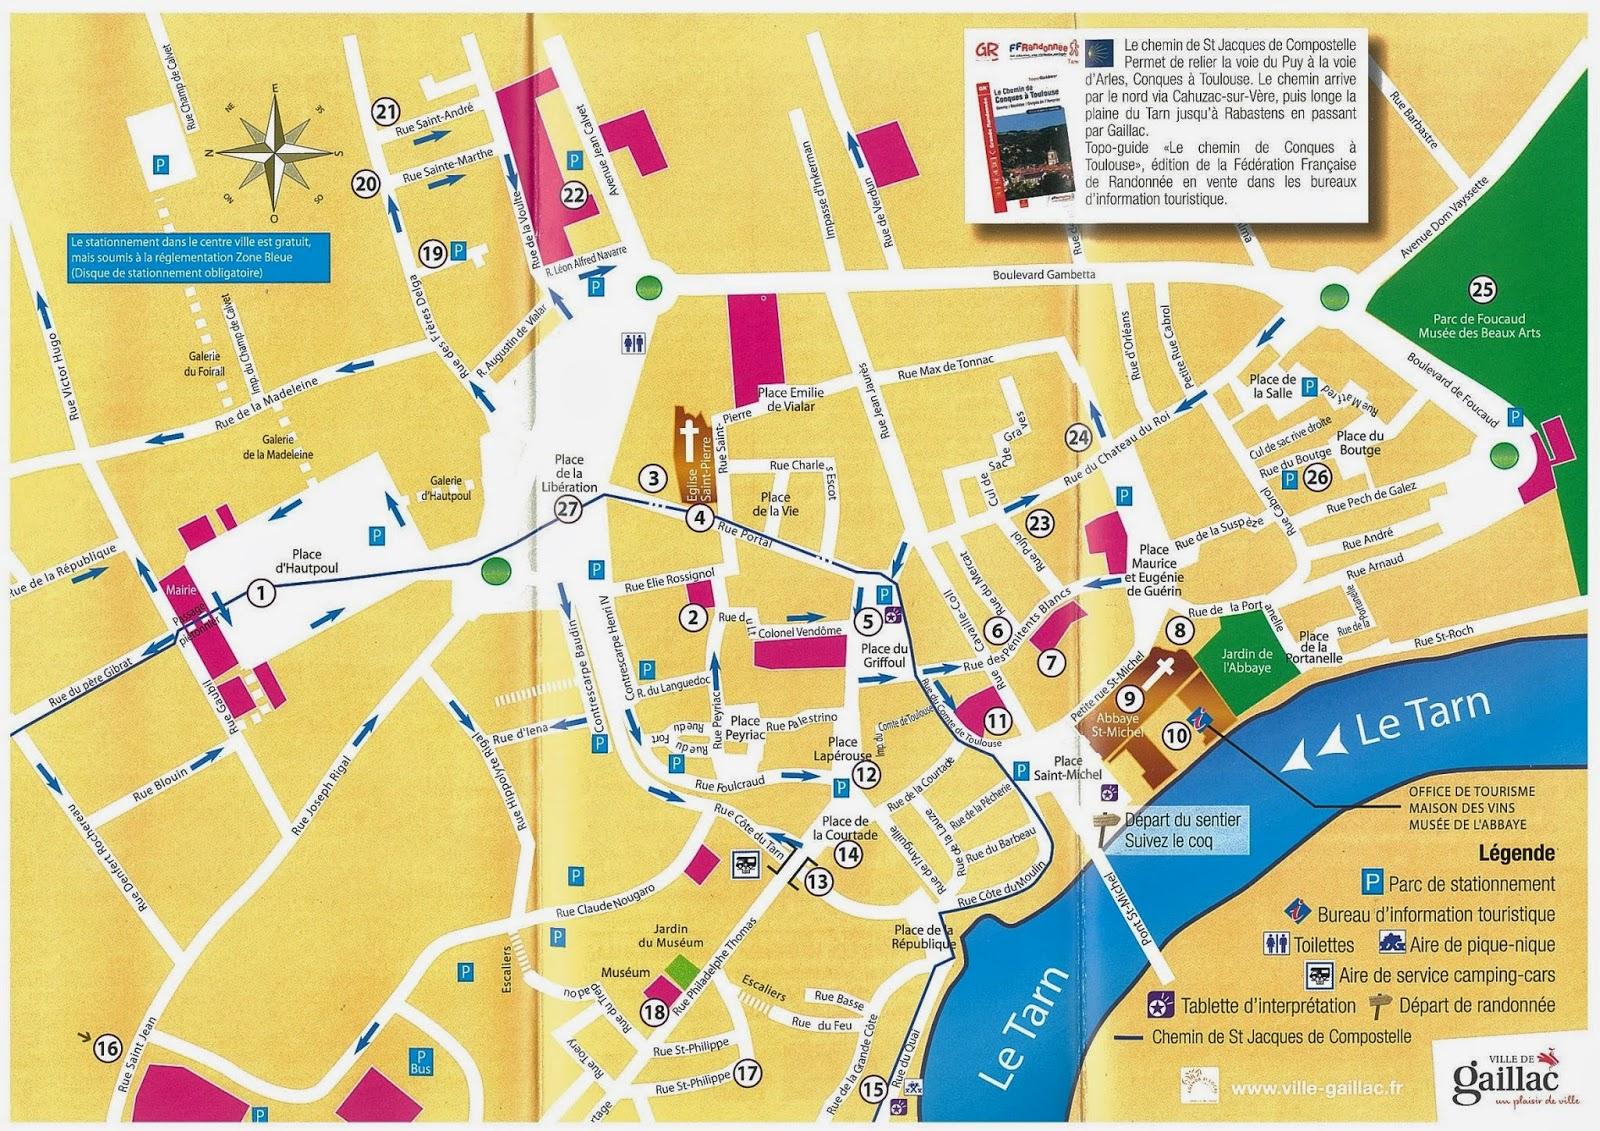 Mapa de Gaillac, Francia